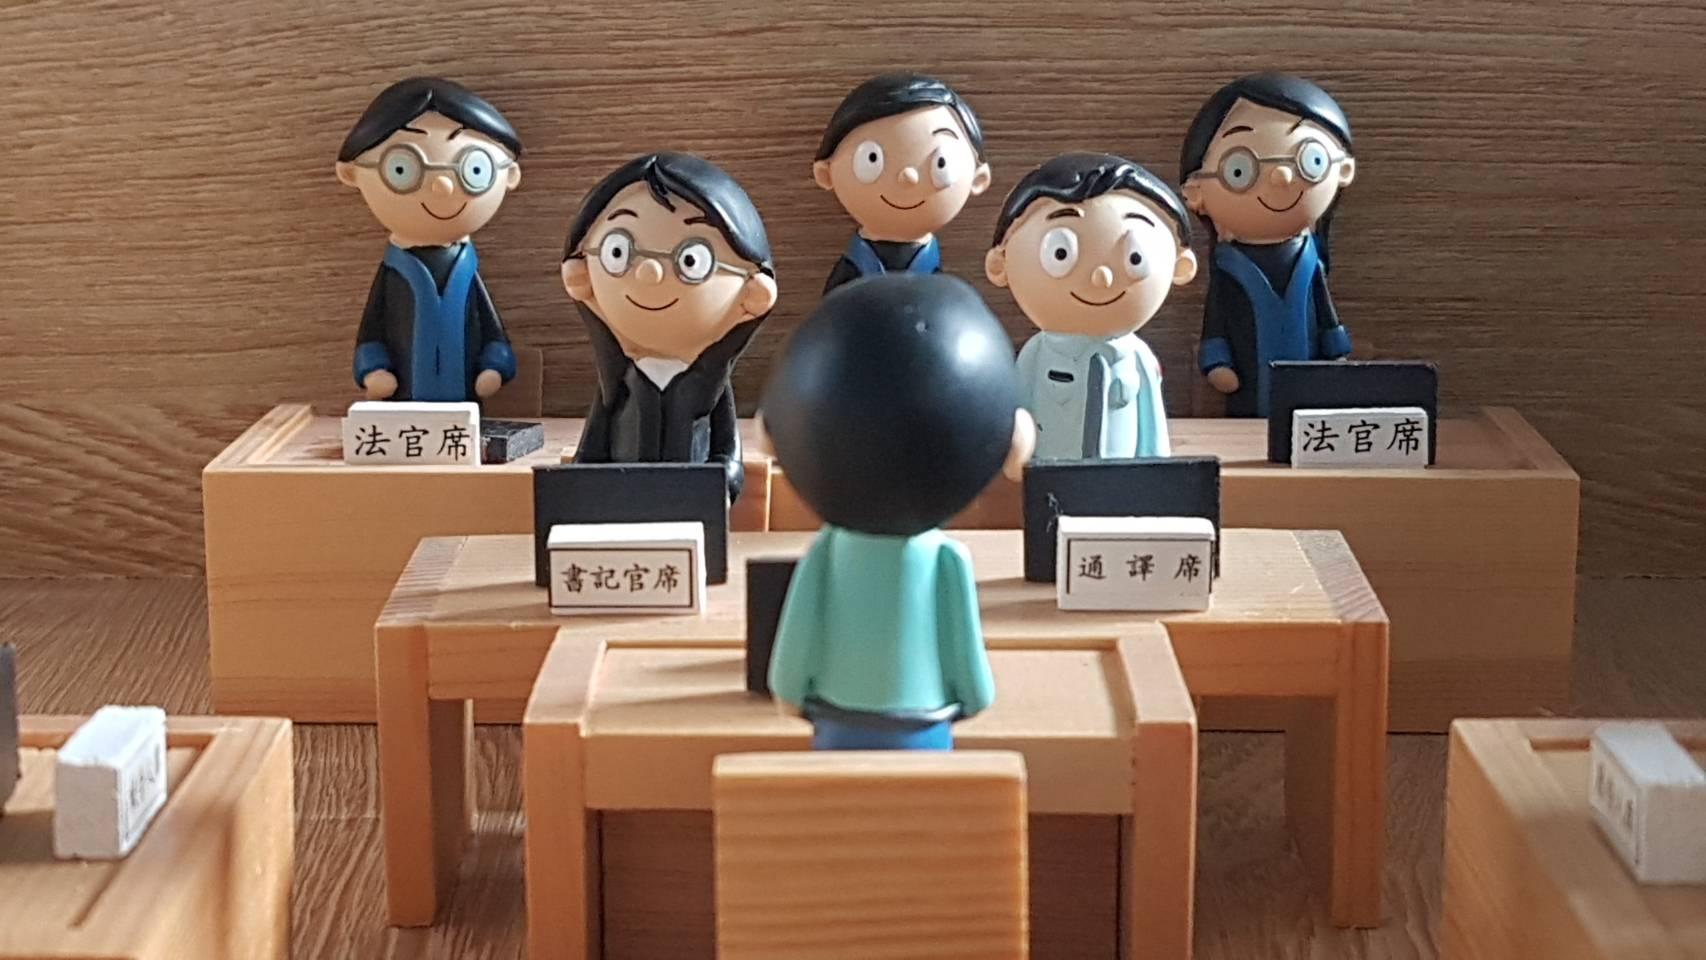 8月司法官考試增額20人  司法特考接續登場